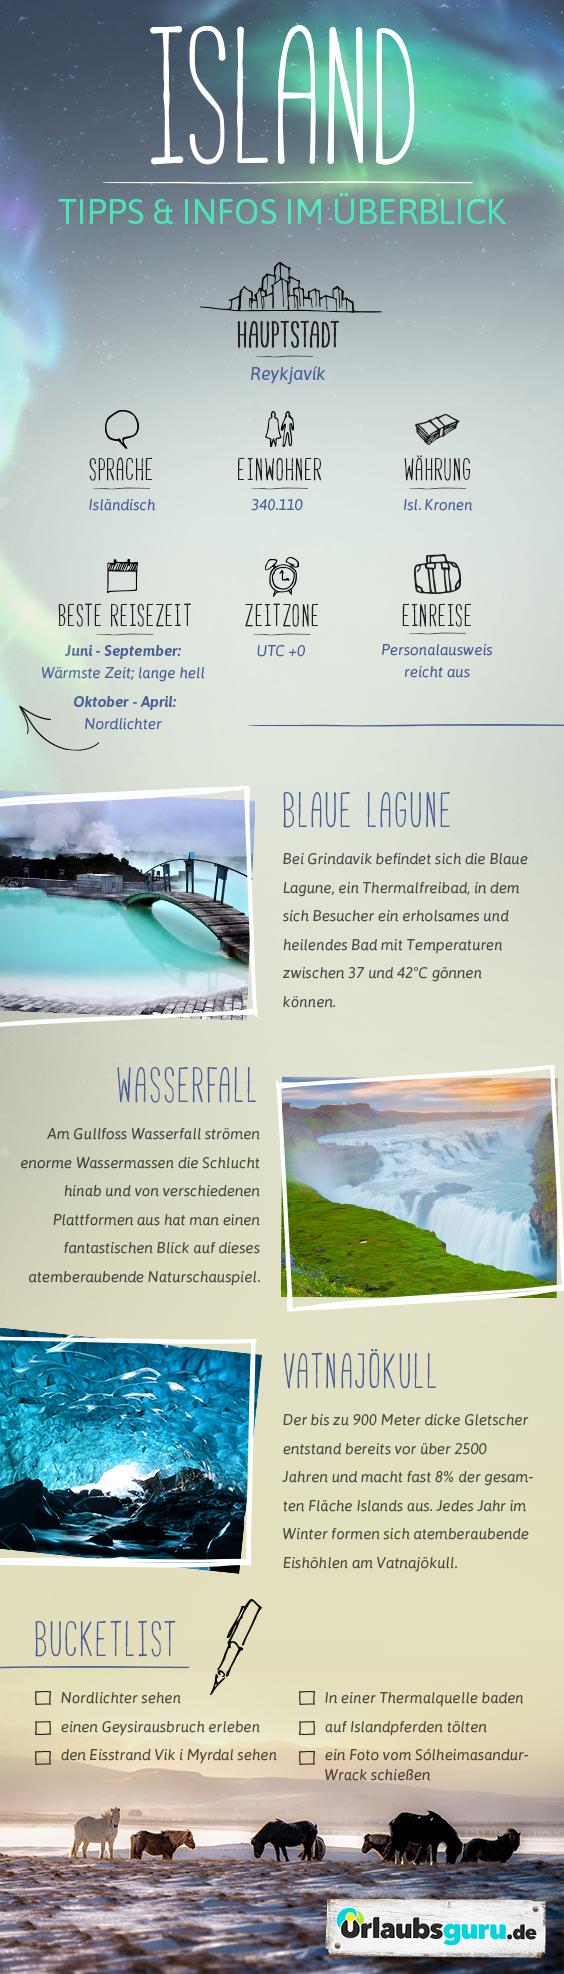 In meinen Island Tipps & Infos erfahrt ihr alles Wichtige über die beliebte Insel und ihre schönsten Naturspektakel. So könnt ihr schon bald eure Island Bucketlist in Angriff nehmen! #island #iceland #travel #spartipps #bucketlist #reisen #natur #nature #nordlichter #wonders #fernweh